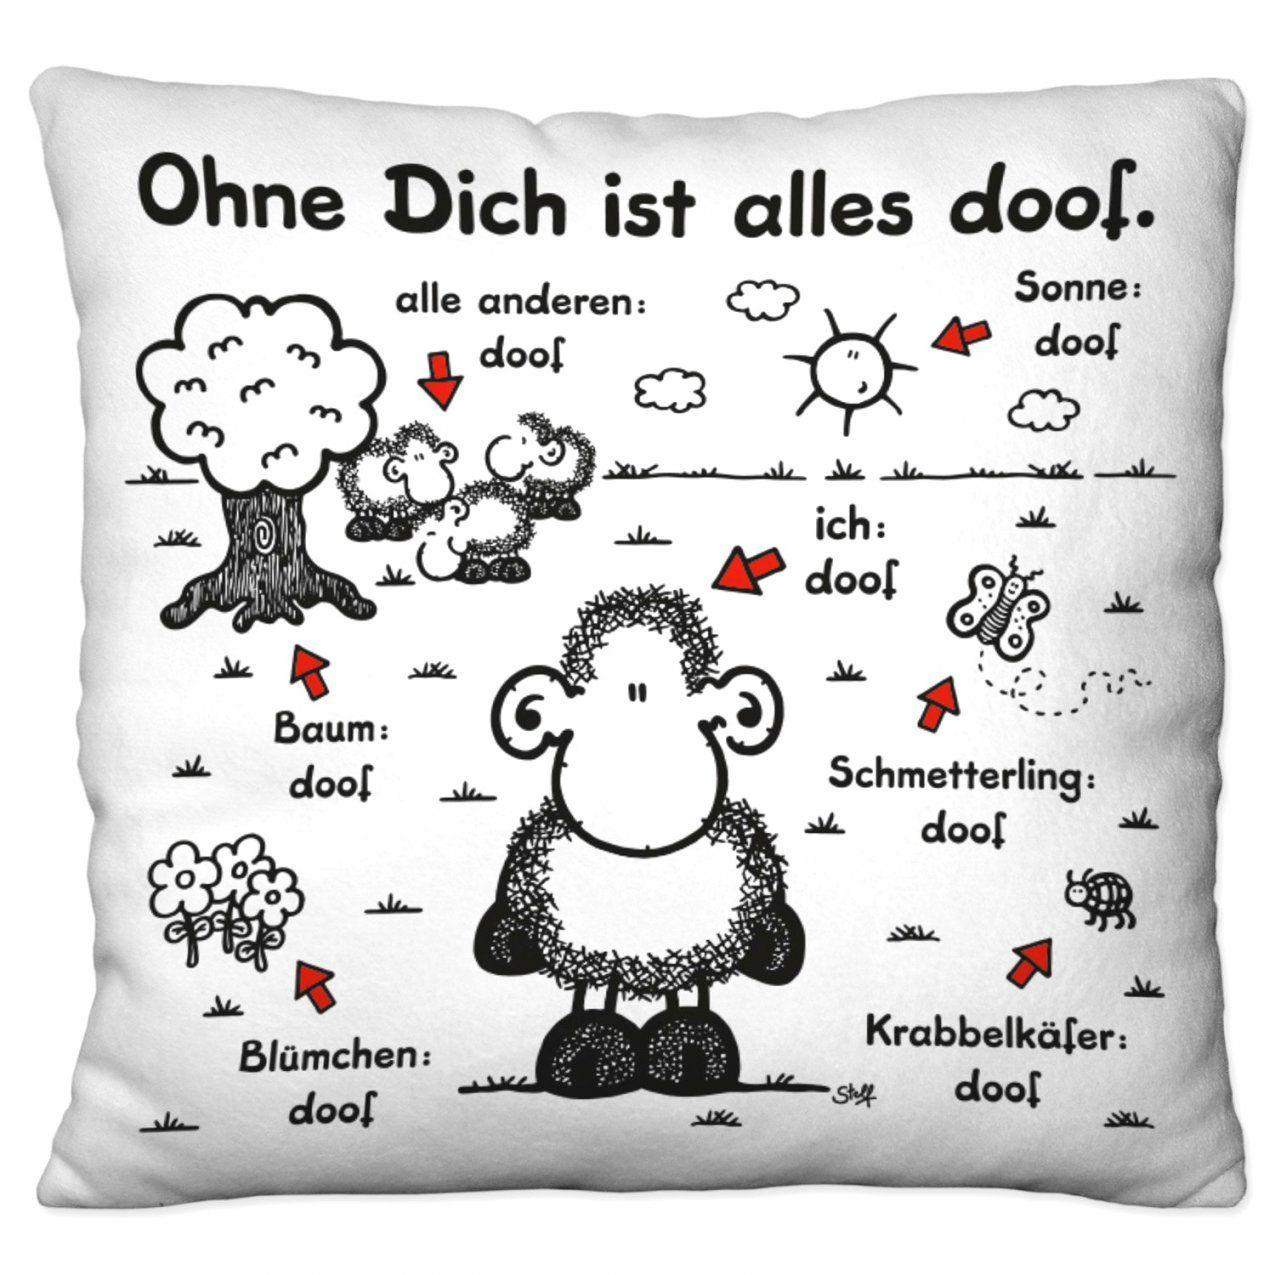 Beeindruckende Ideen Ohne Dich Ist Alles Doof Bettwäsche Und von Sheepworld Bettwäsche 155X220 Photo